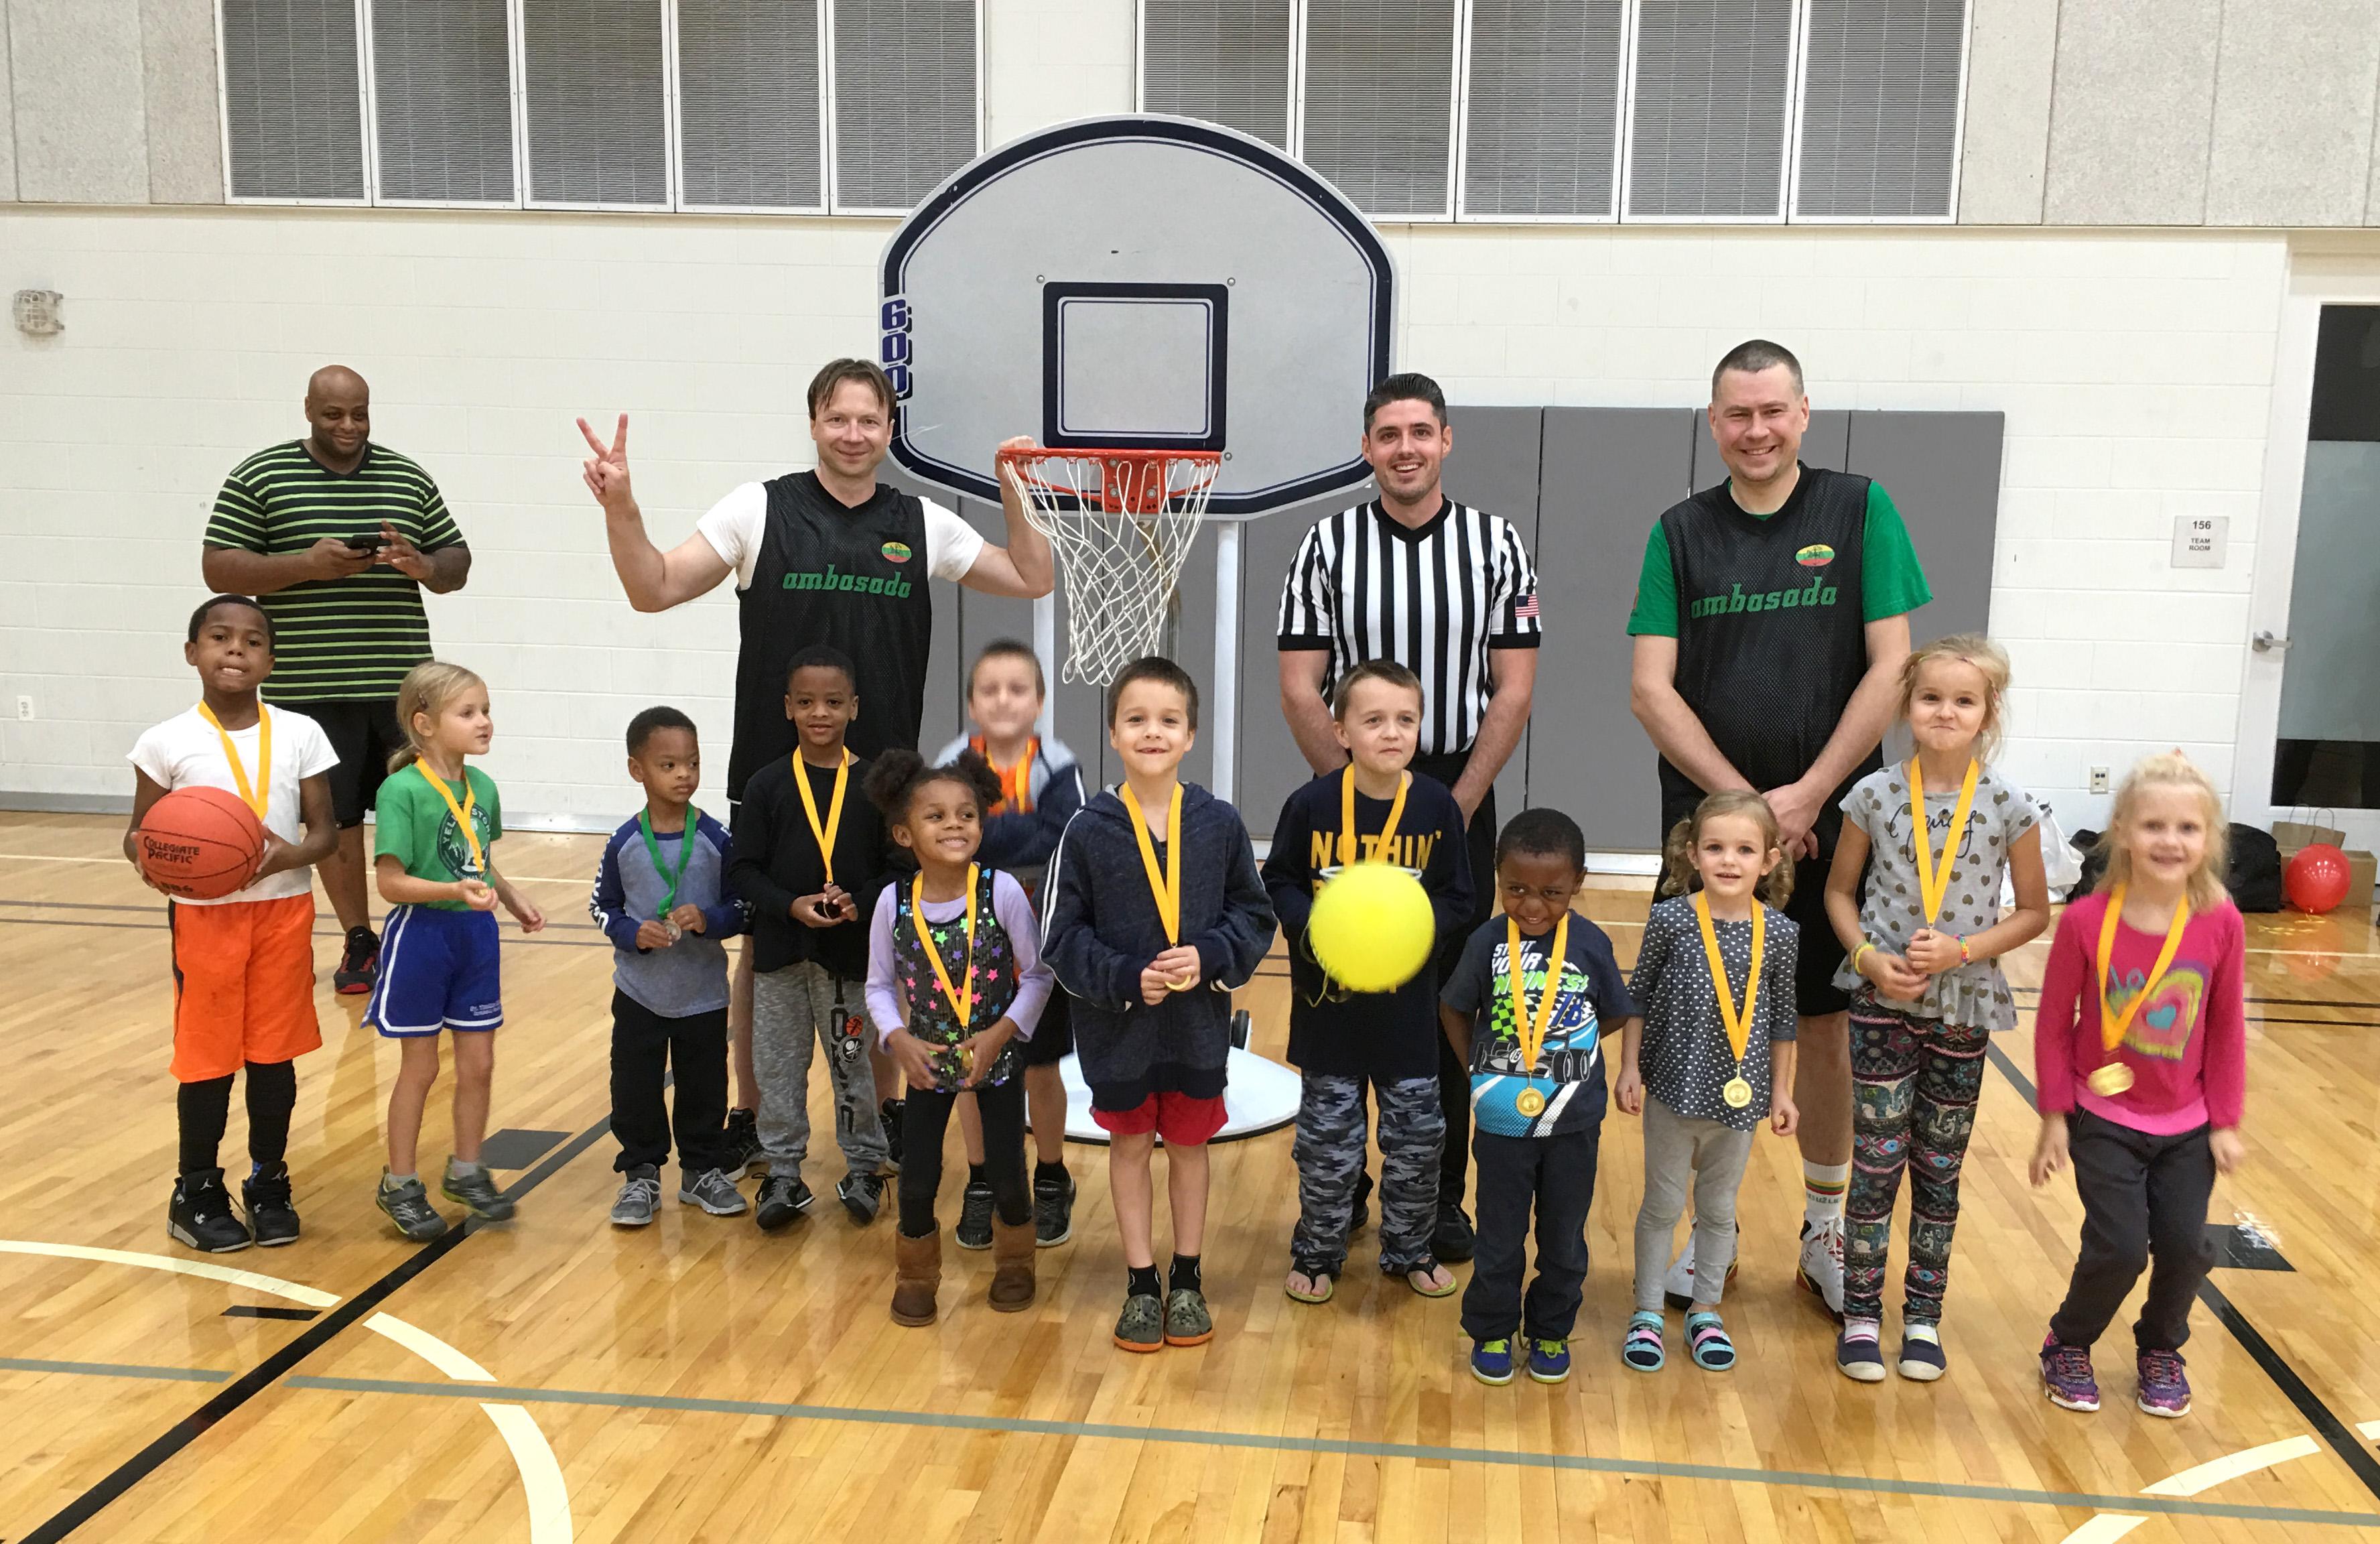 Jauniesiems krepšininkams įteikti proginiai ŠALFASS medaliai.